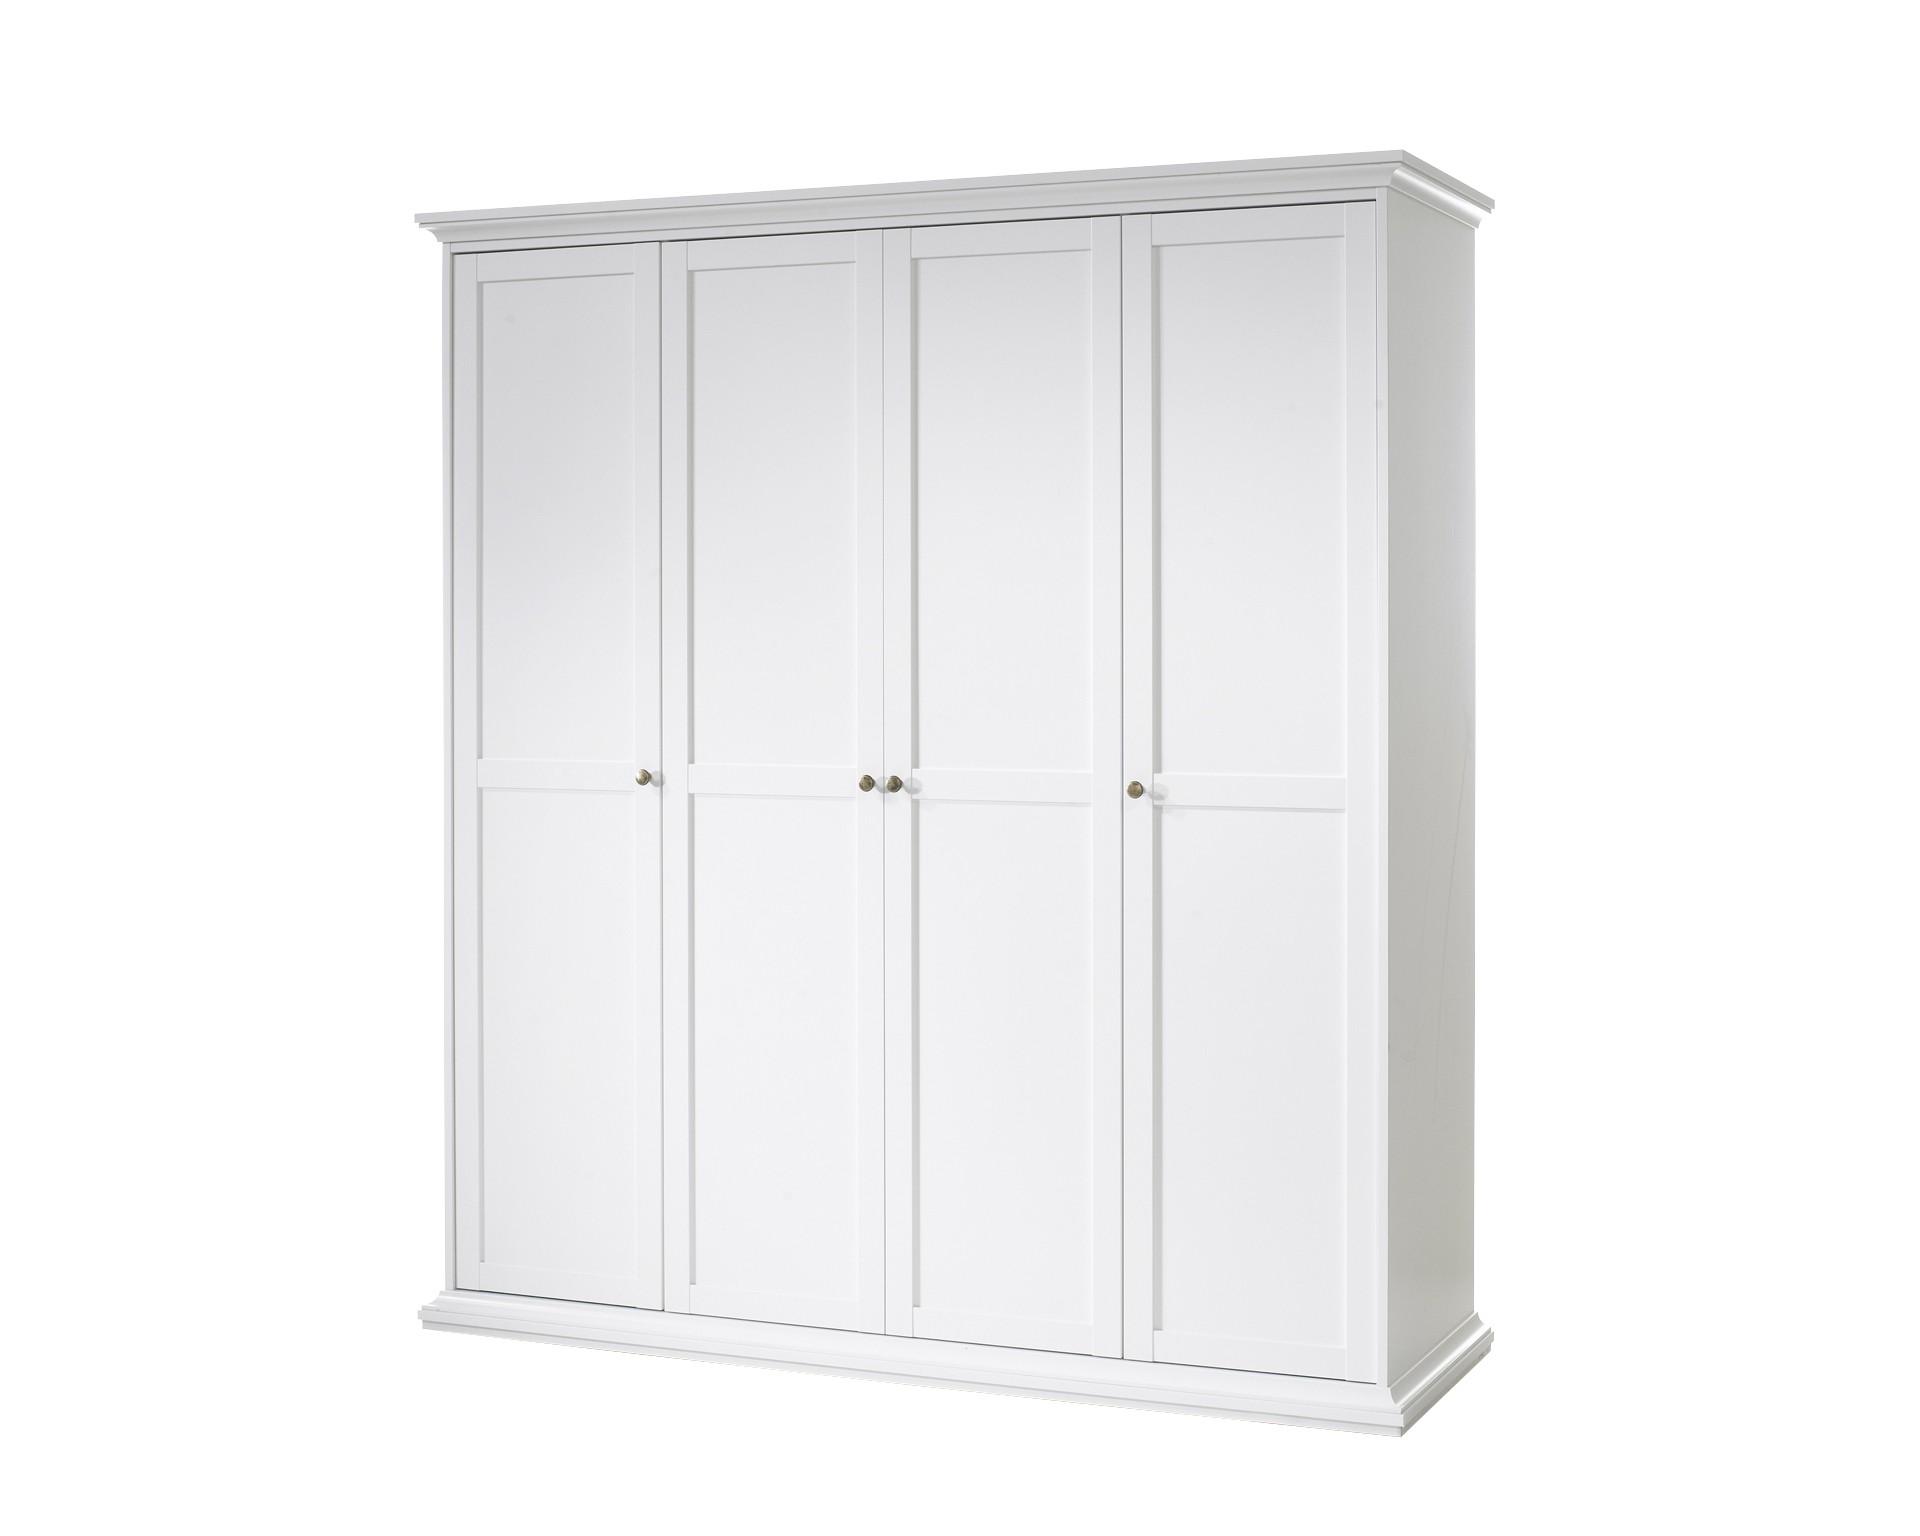 6 sparen kleiderschrank pariso wei nur 399 95. Black Bedroom Furniture Sets. Home Design Ideas